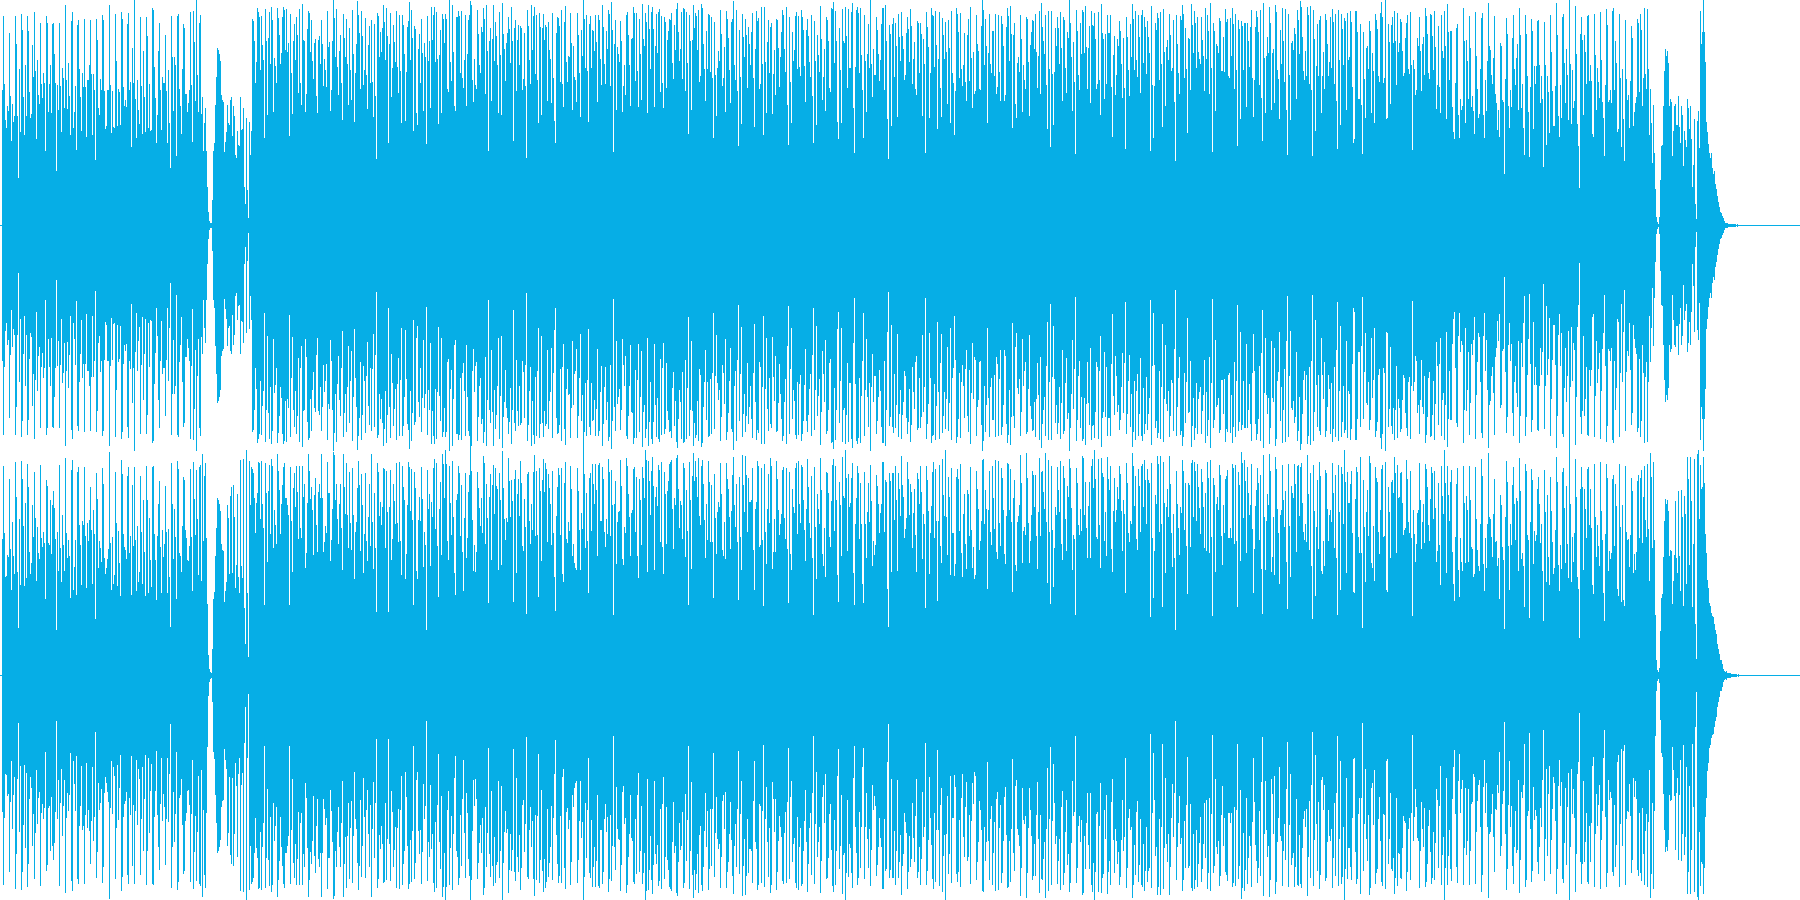 尺八の音色による和の情景を感じる曲の再生済みの波形